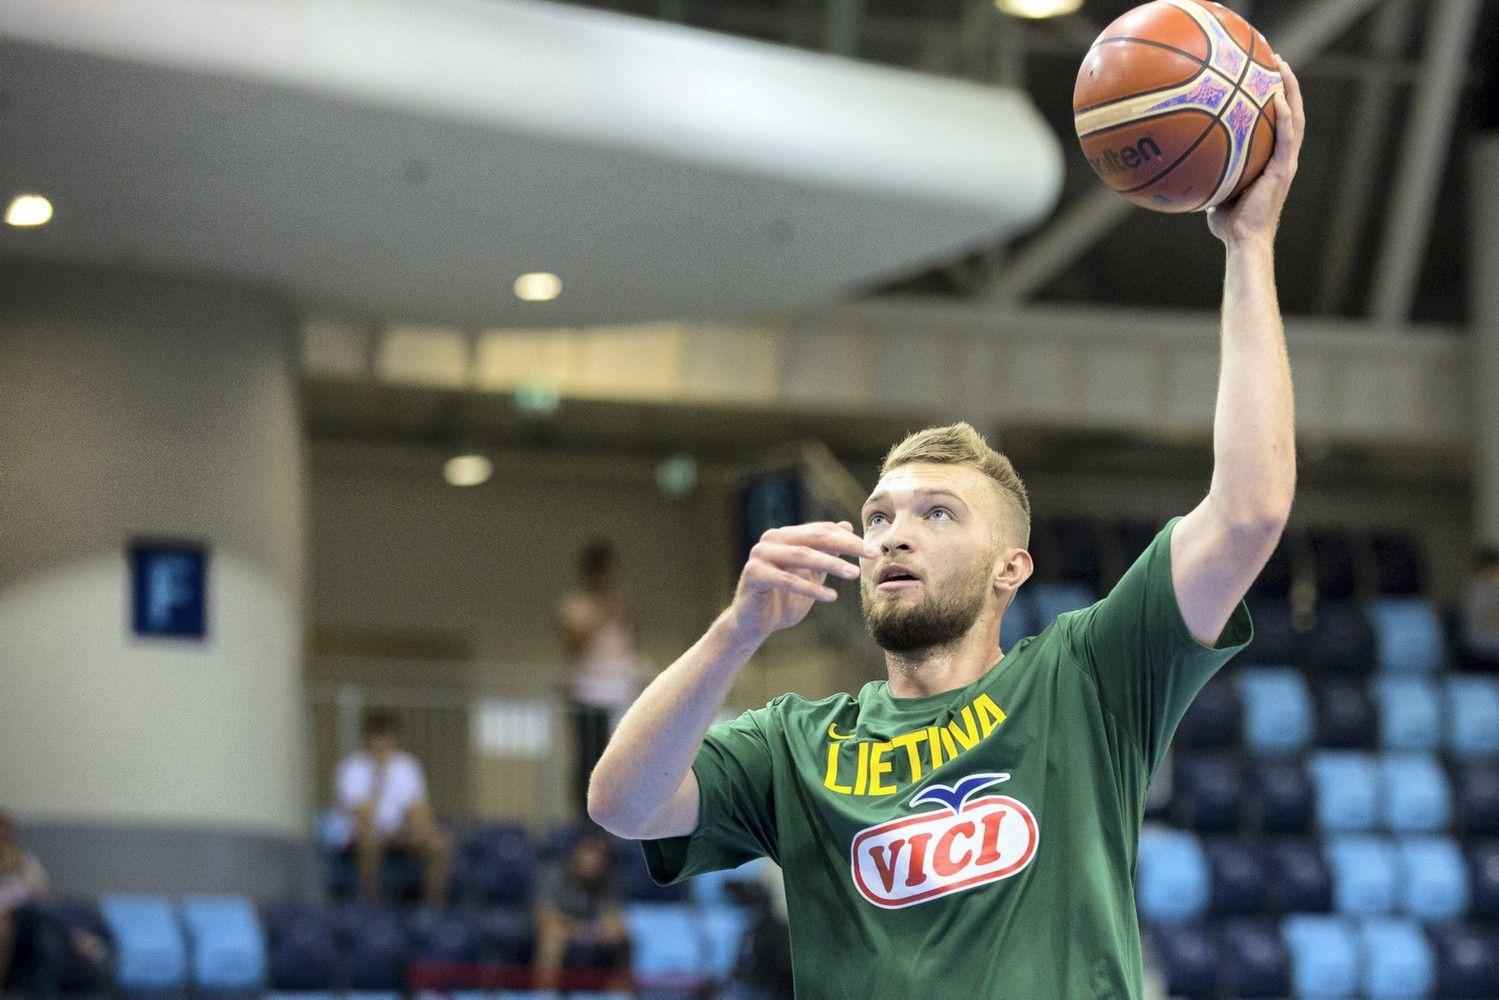 Lietuvos krepšinio rinktinė nesunkiai įveikė Vengriją